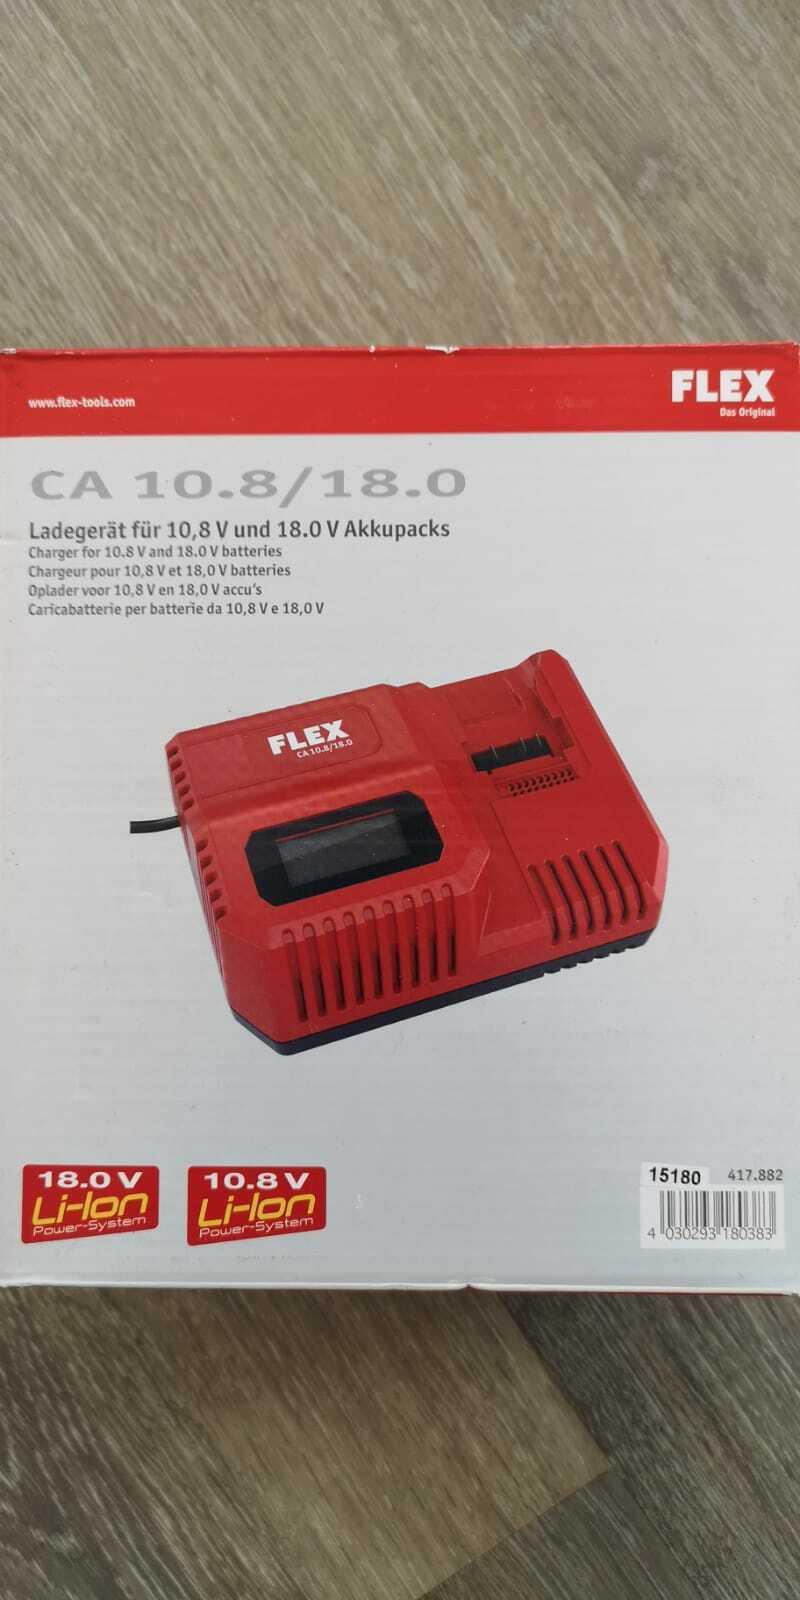 FLEX Schnellladegerät CA 10.8 18,0